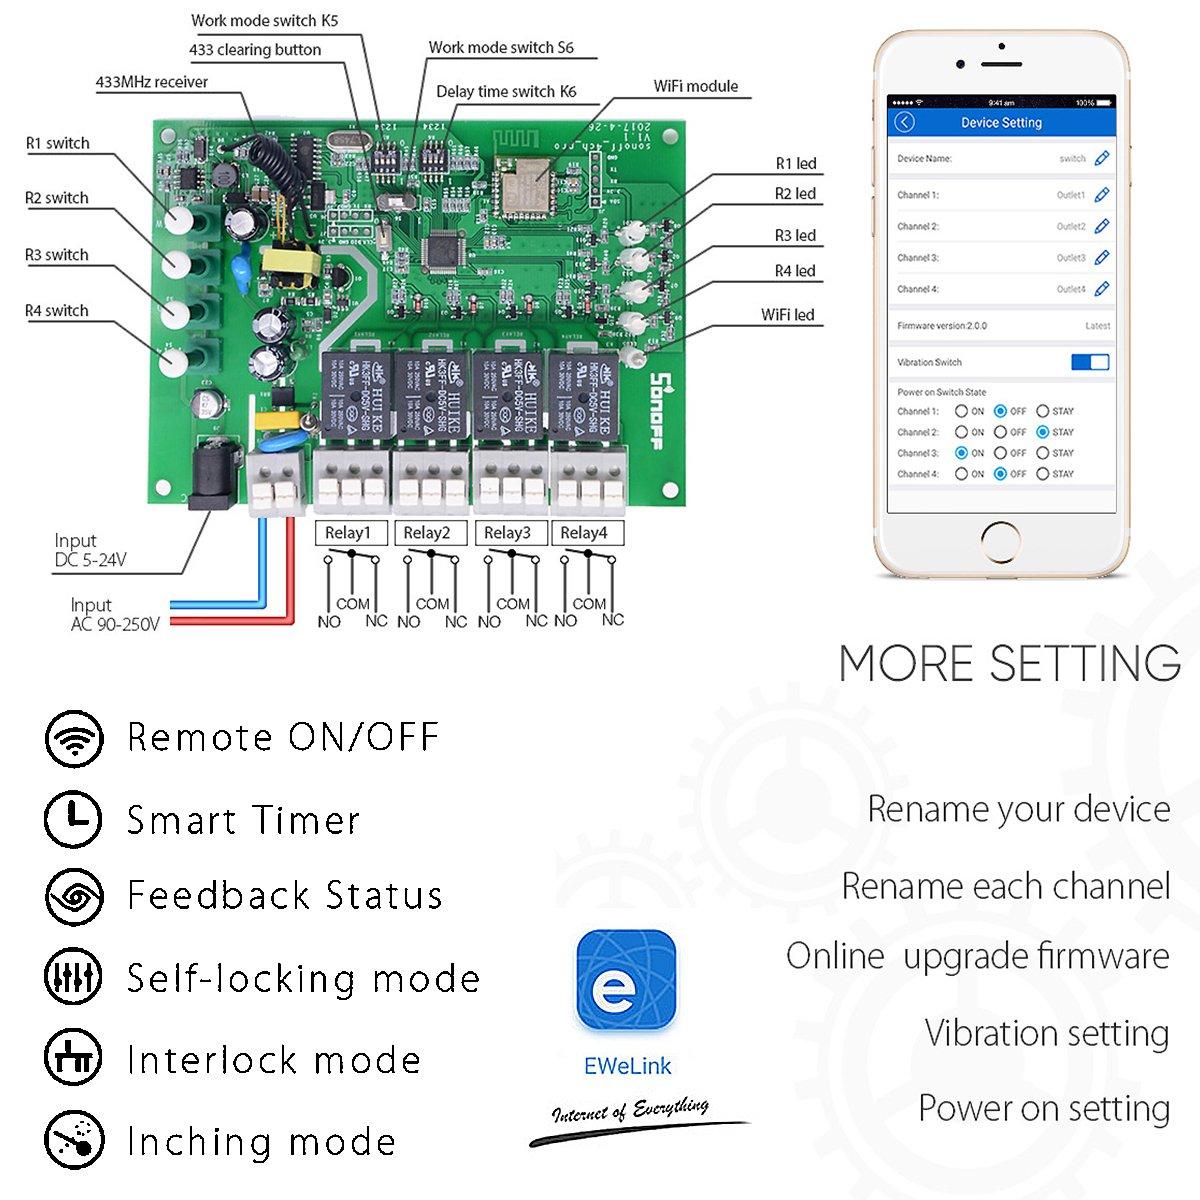 Interruptor Inalámbrico Inteligente WiFi - 4CH Pro R2 - 4 Canales Conmutador de Control Remoto del Temporizador con Inching /Autobloqueo /Enclavamiento para Alexa+Soporte de Teléfono: Amazon.es: Bricolaje y herramientas